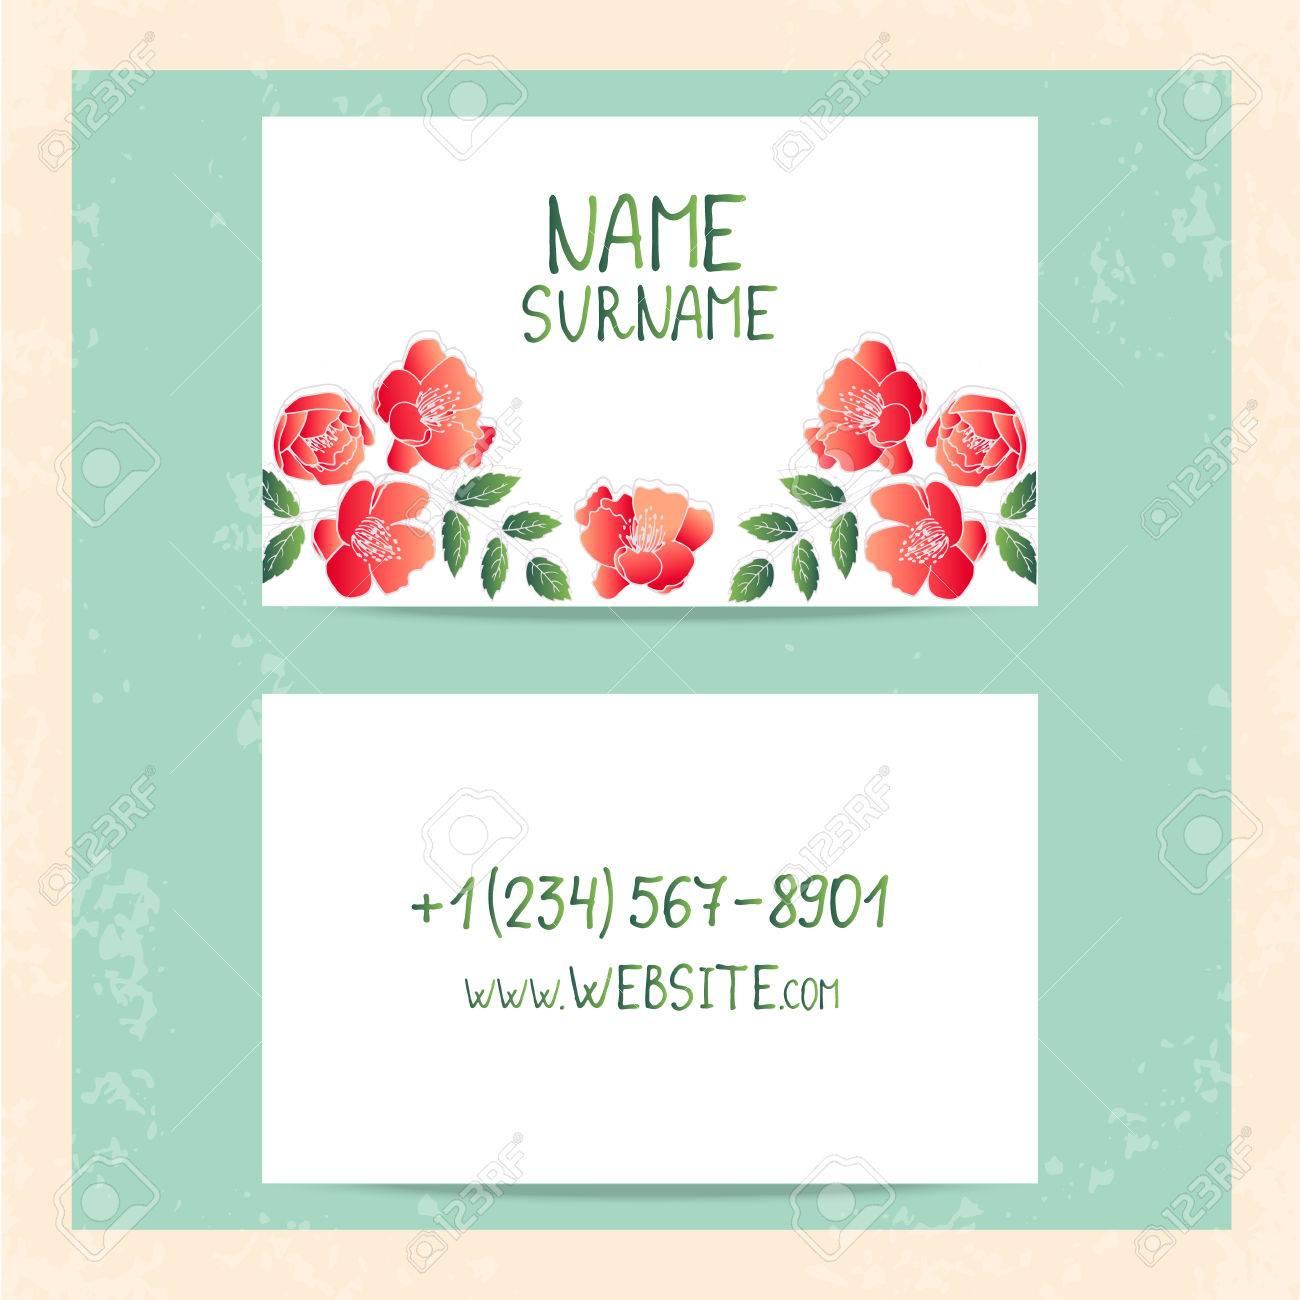 Carte De Visite Vintage Lments Dcoratifs Floraux Vintages